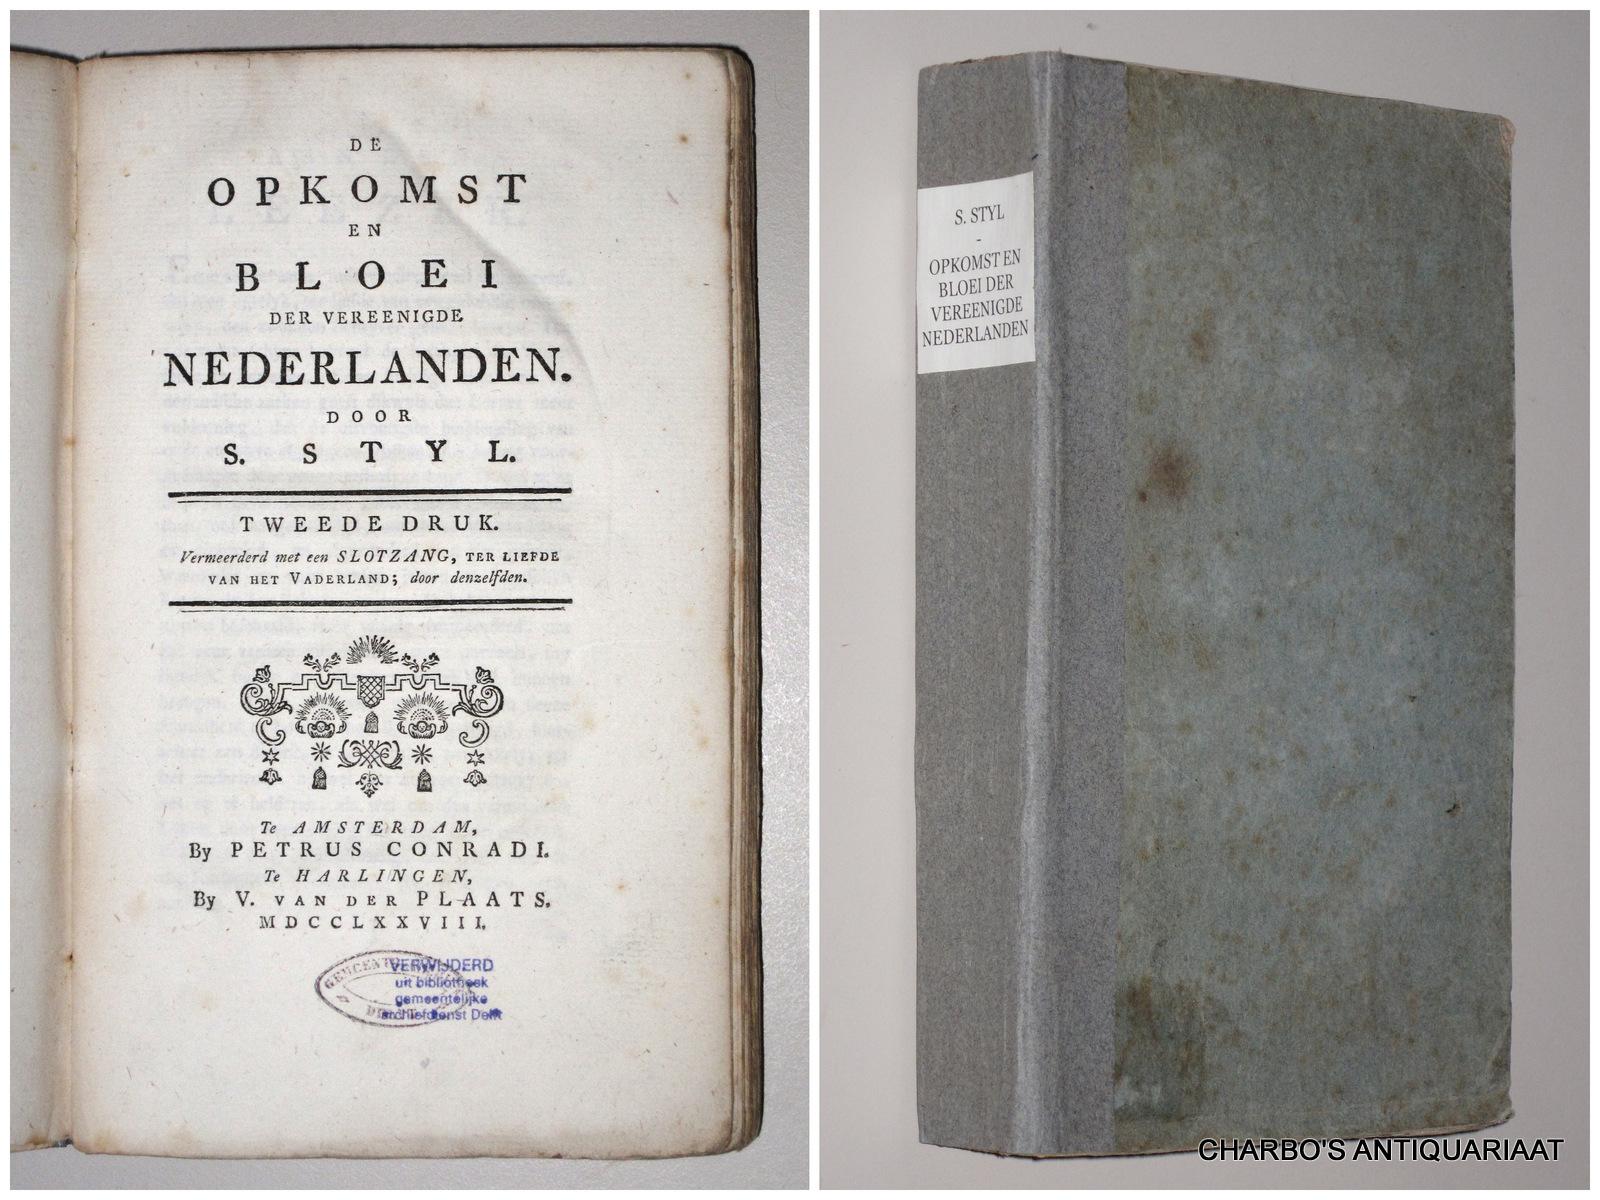 STYL, S., -  De opkomst en bloei der Vereenigde Nederlanden.